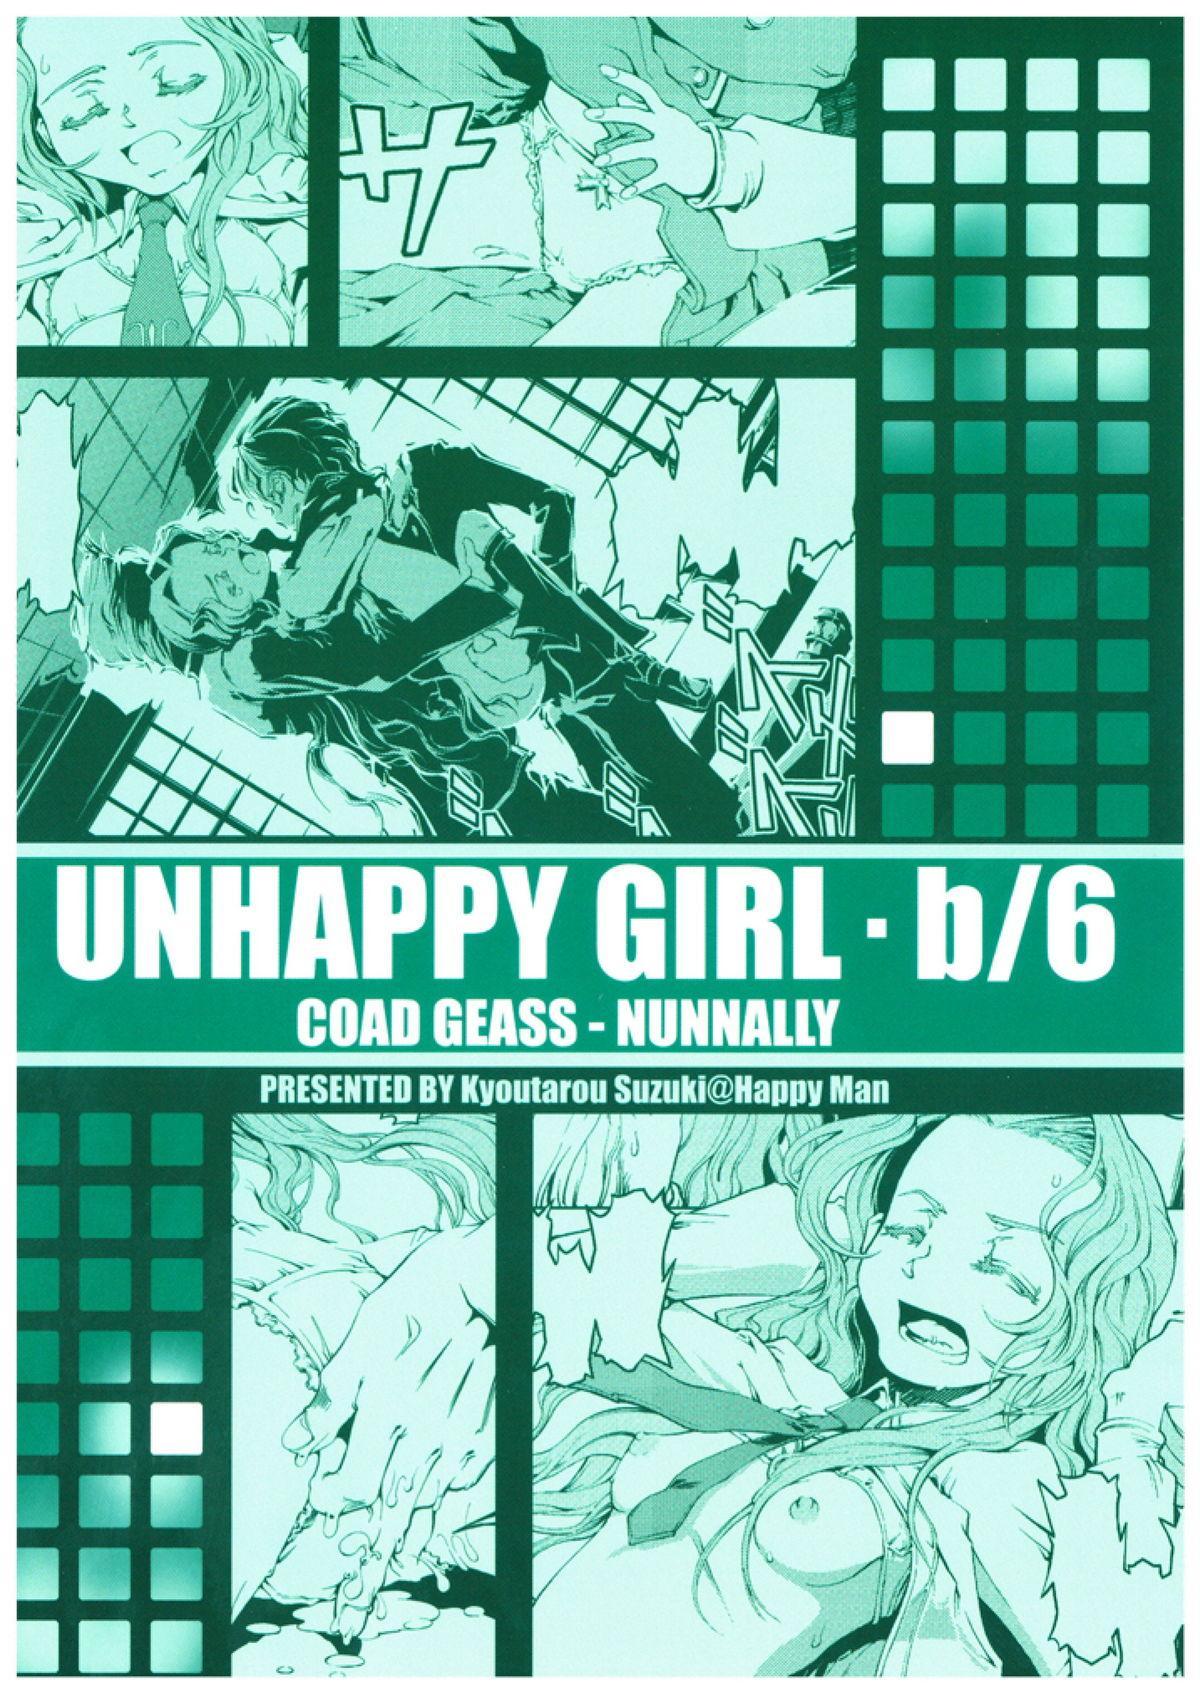 Unhappy Girl b/6 27